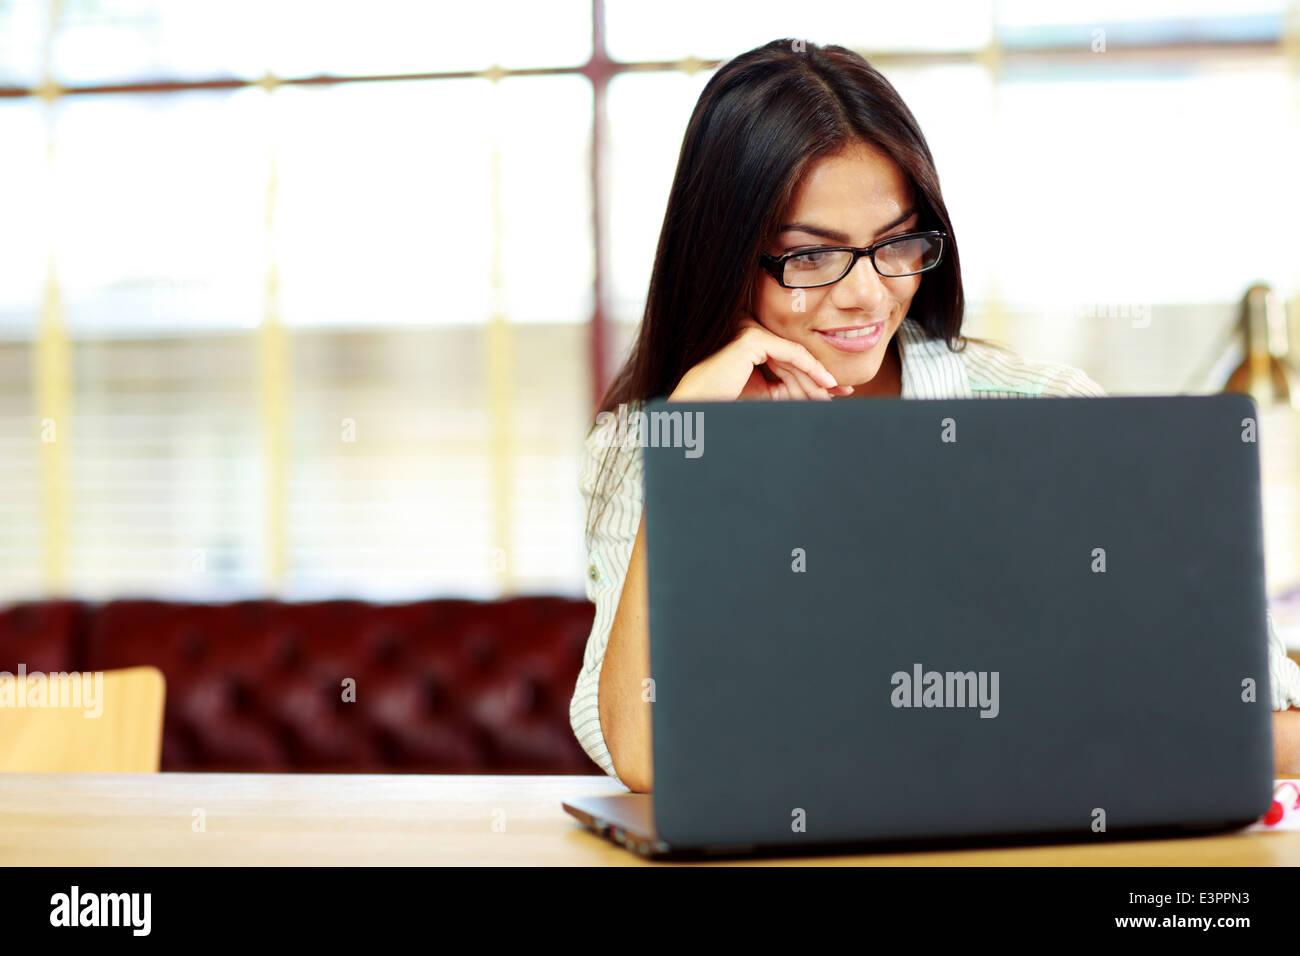 La empresaria feliz trabajando en el portátil en la oficina Imagen De Stock